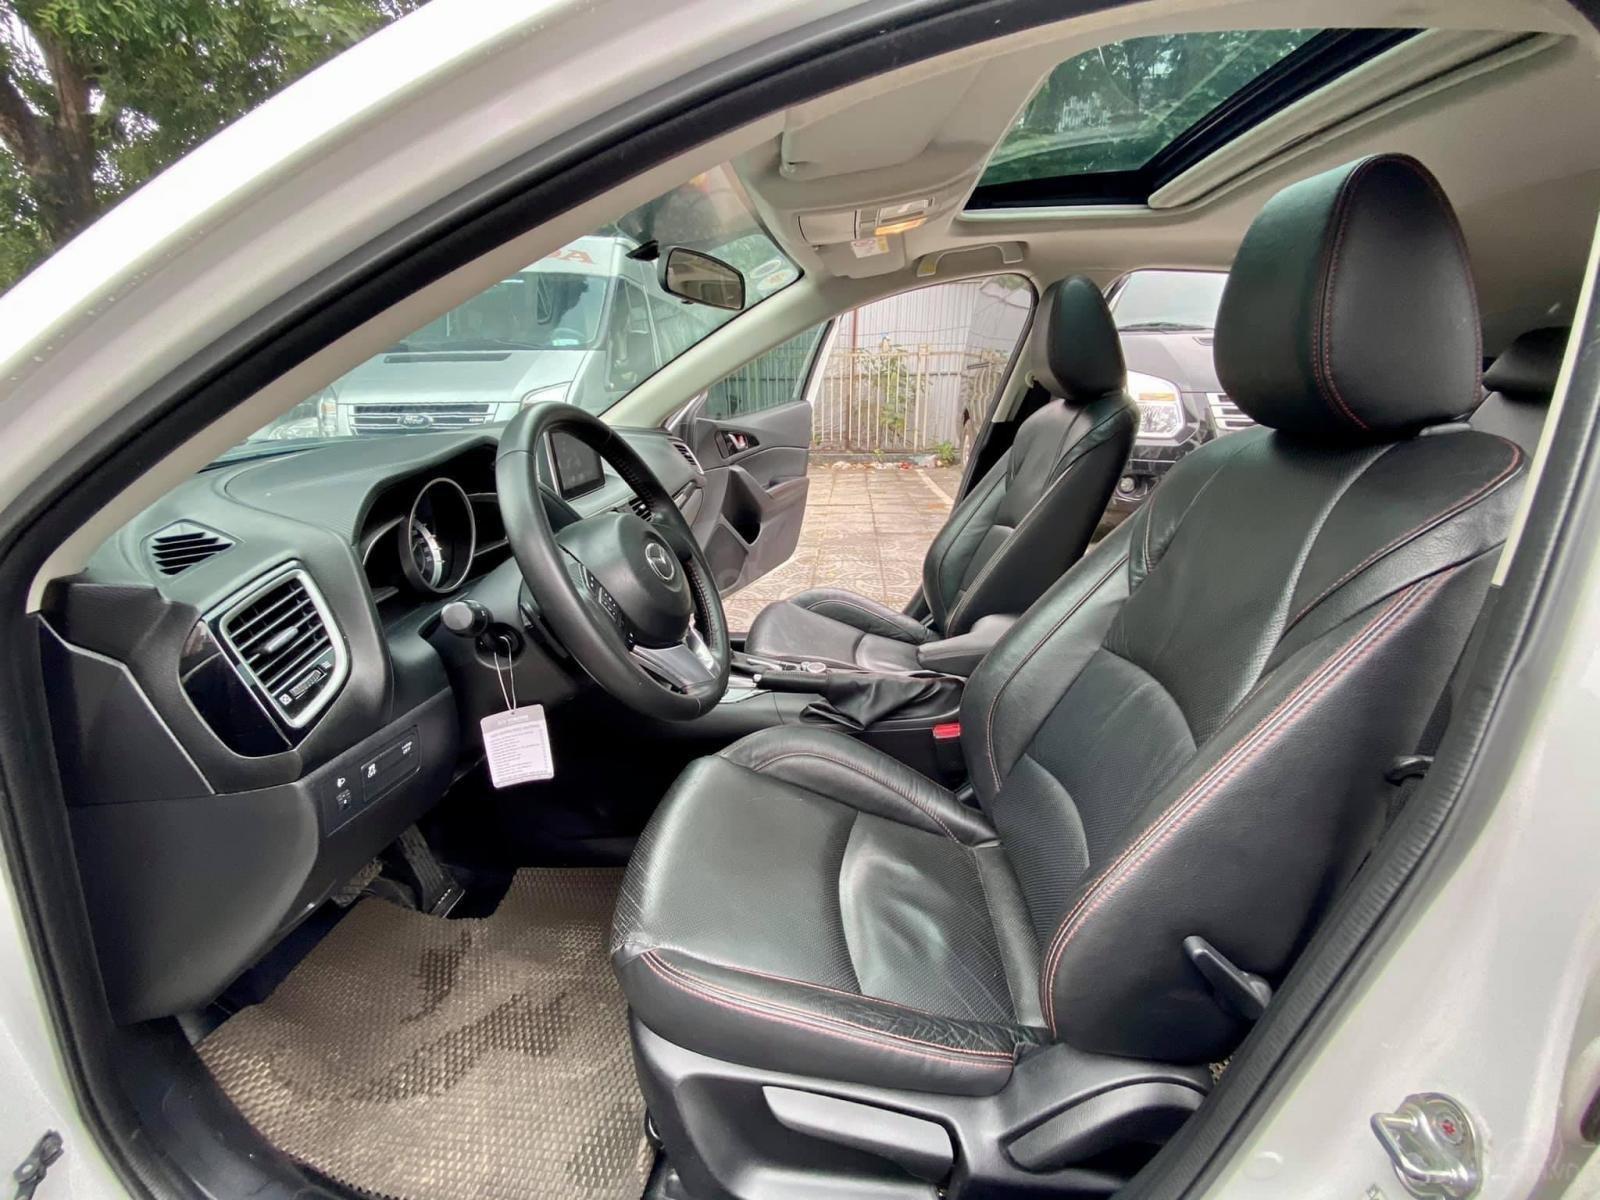 Bán nhanh với giá ưu đãi Mazda 3 hachtback 2015 (9)